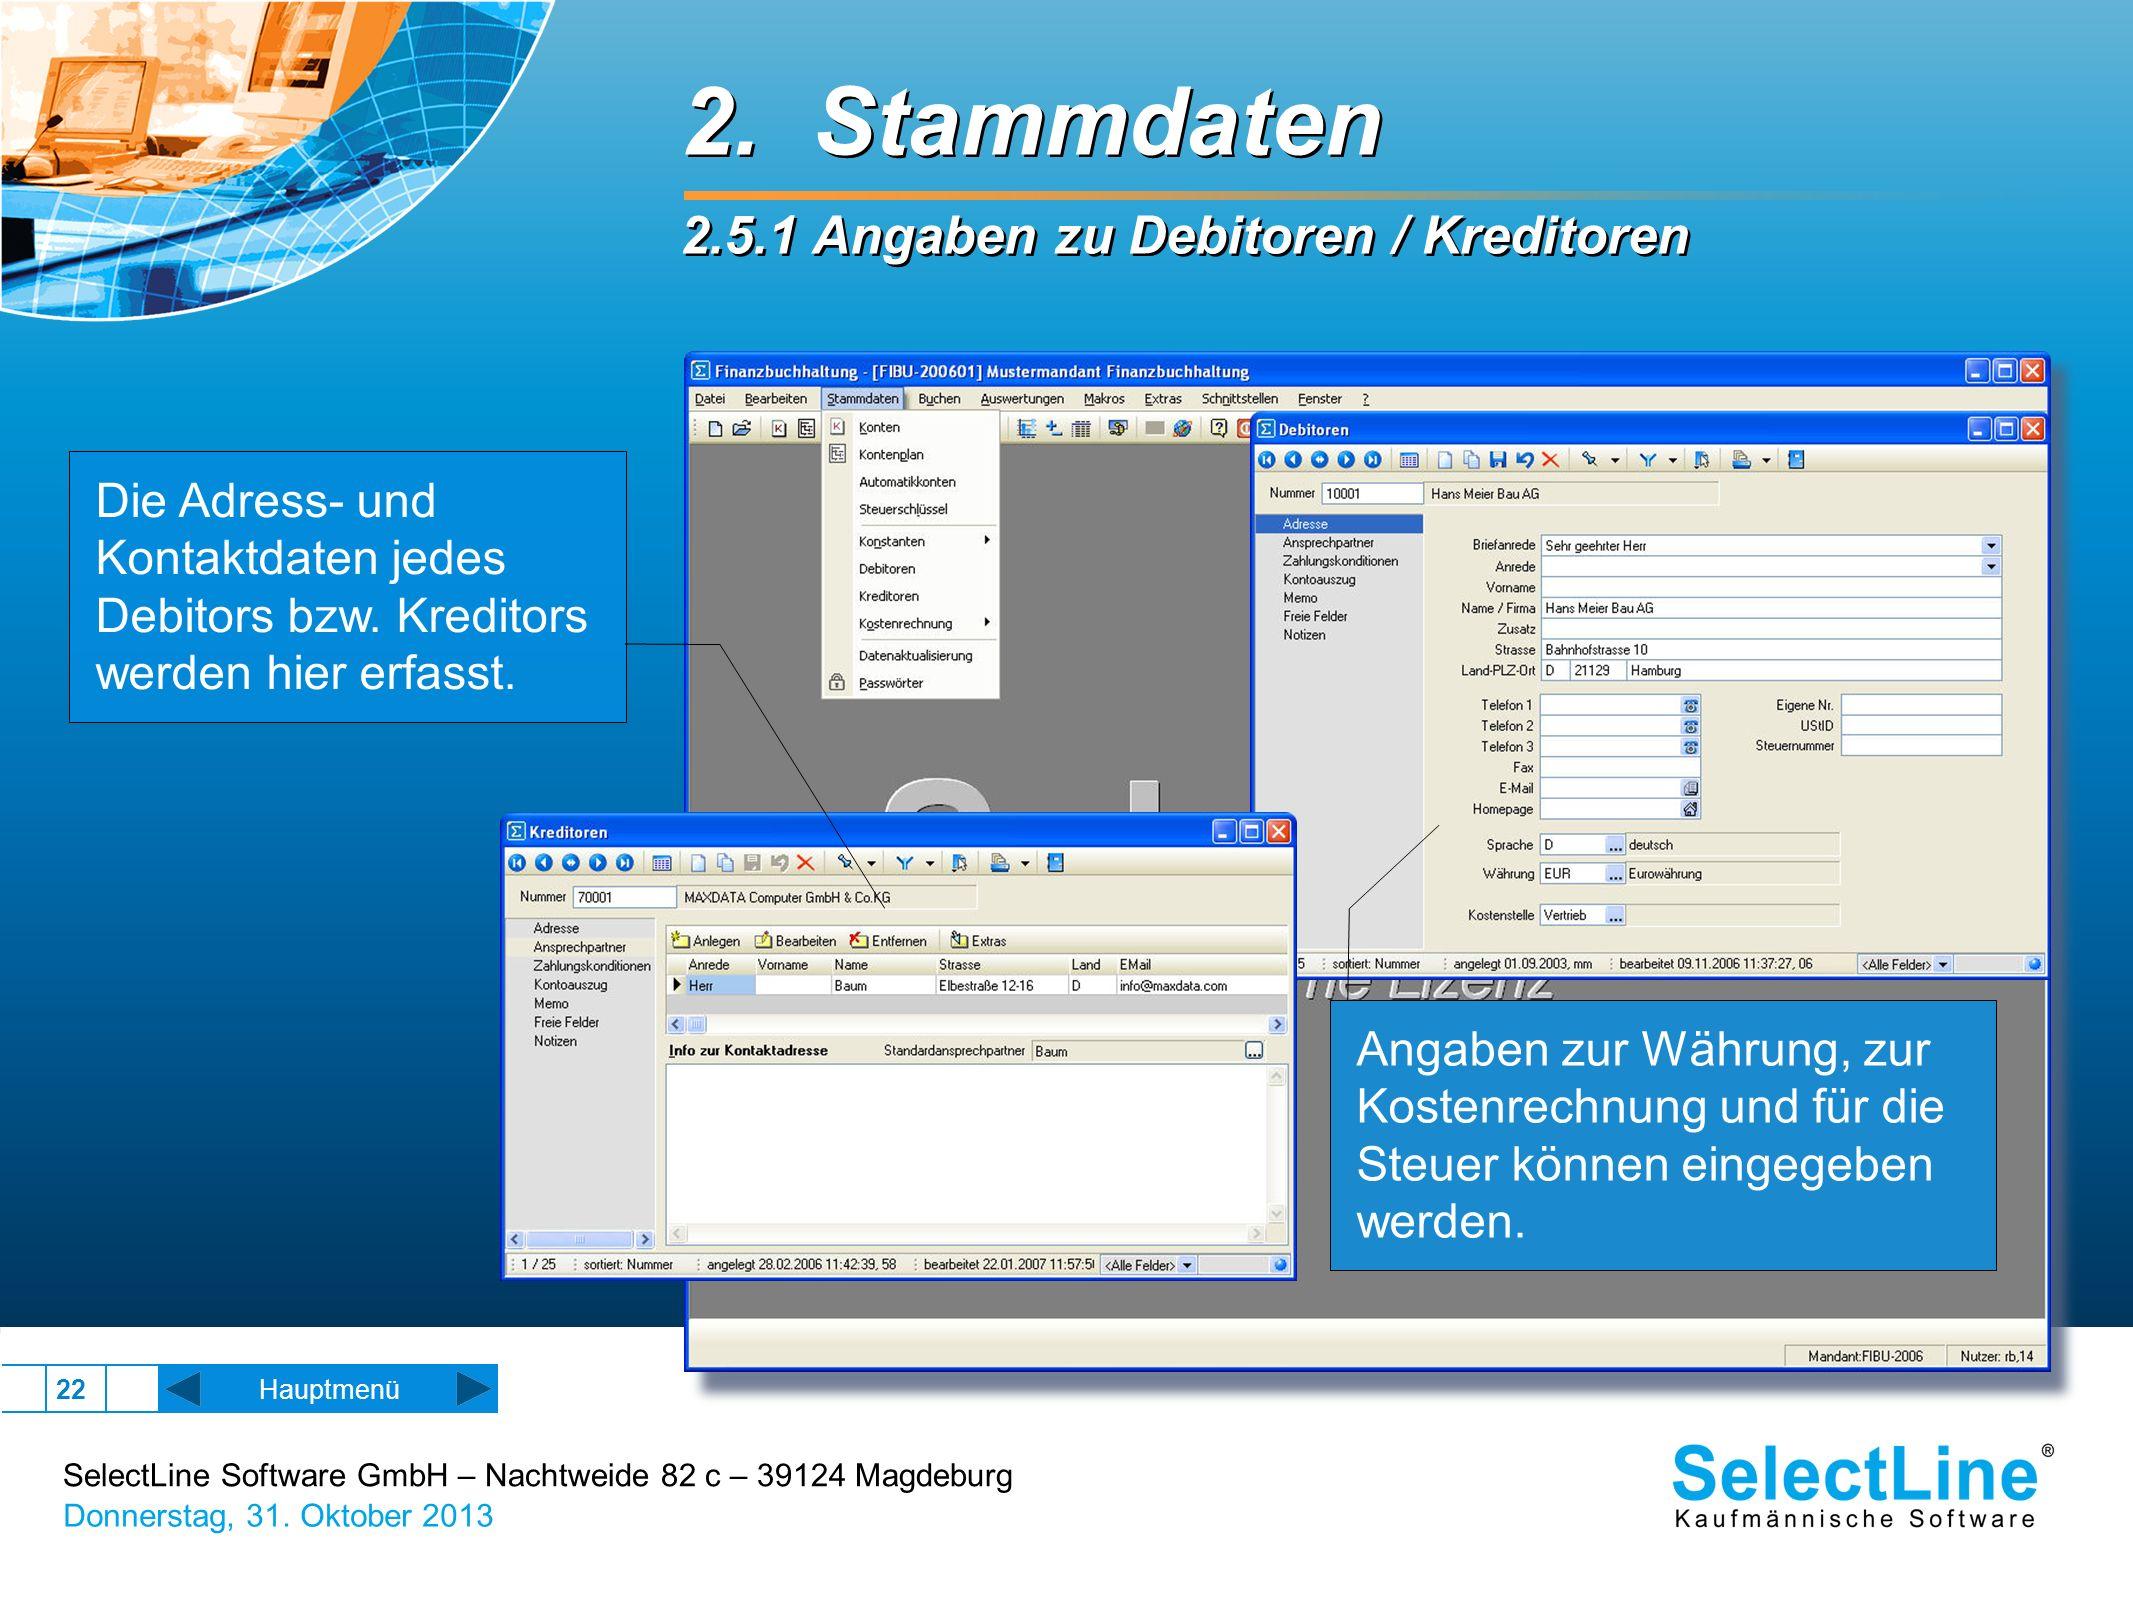 SelectLine Software GmbH – Nachtweide 82 c – 39124 Magdeburg Donnerstag, 31. Oktober 2013 22 2. Stammdaten 2.5.1 Angaben zu Debitoren / Kreditoren 2.